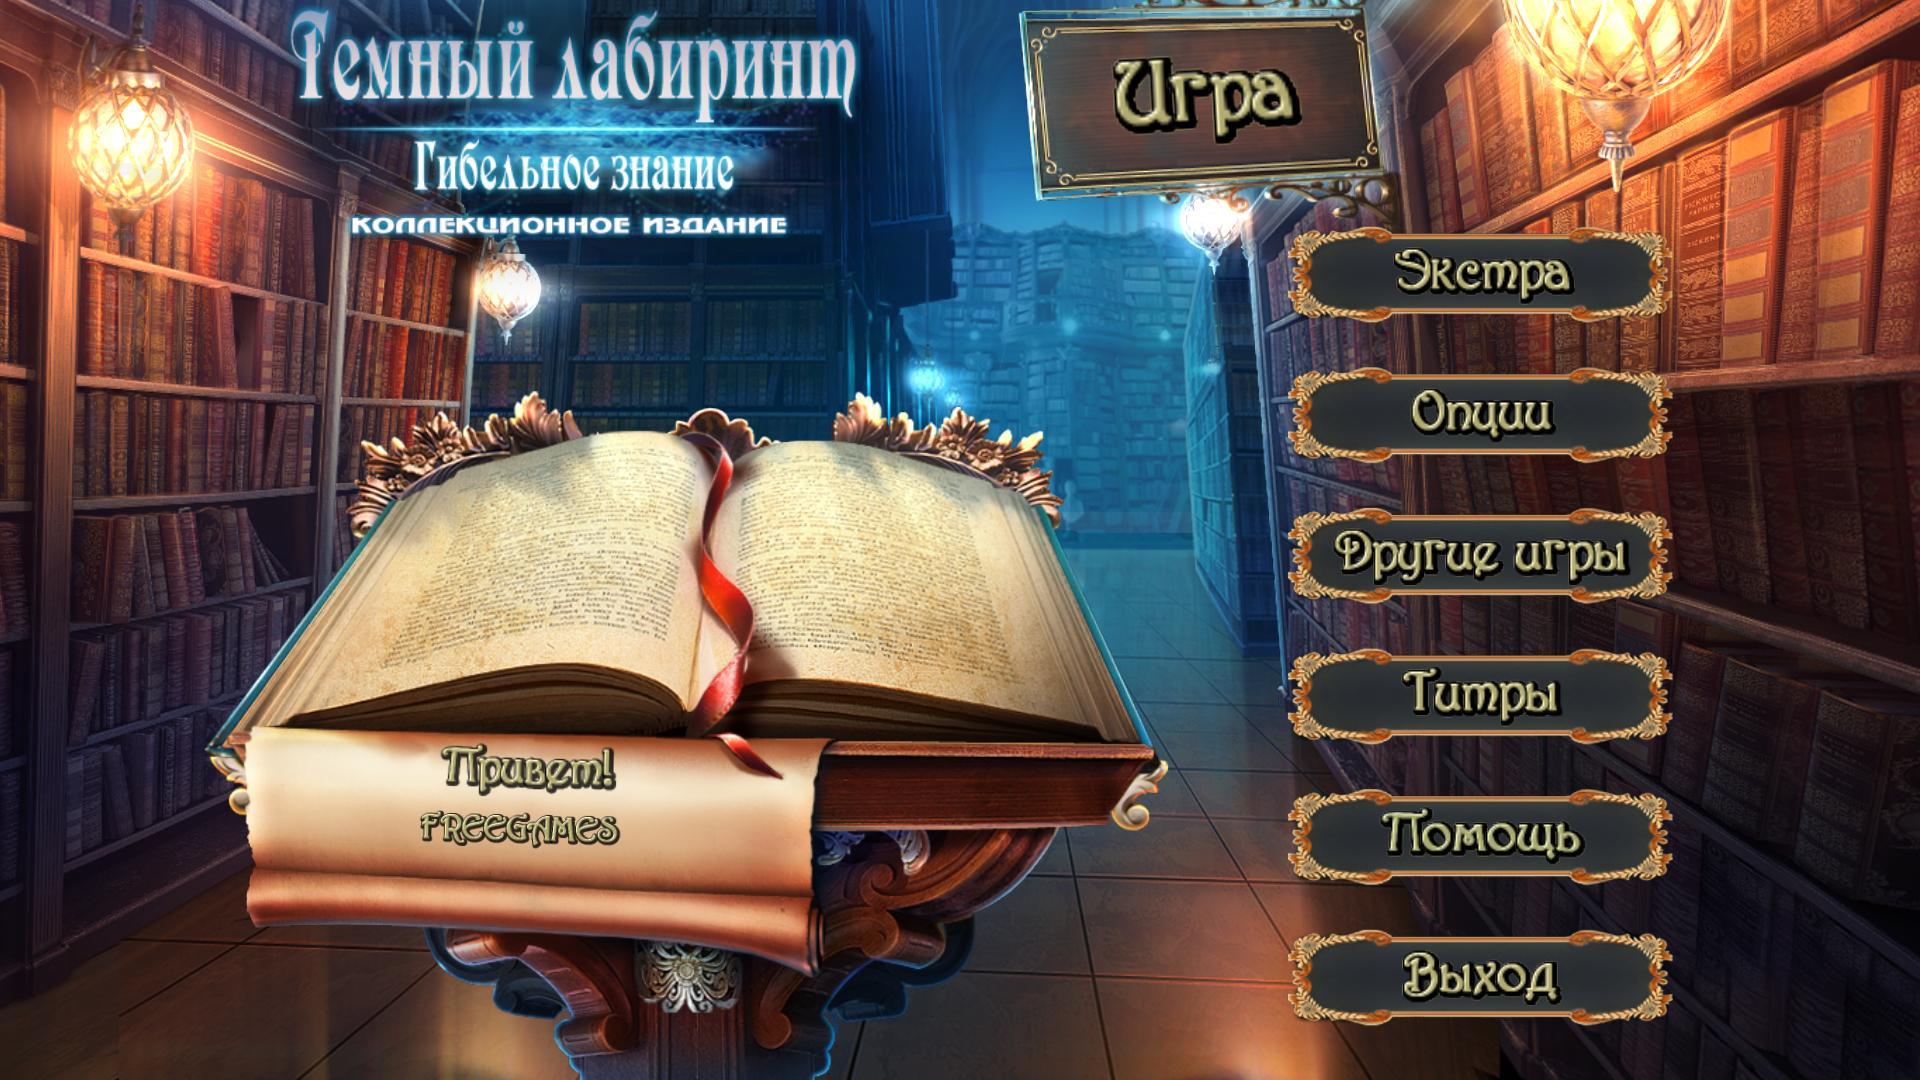 Темный лабиринт 6: Гибельное знание. Коллекционное издание | Sable Maze 6: Sinister Knowledge CE (Rus)